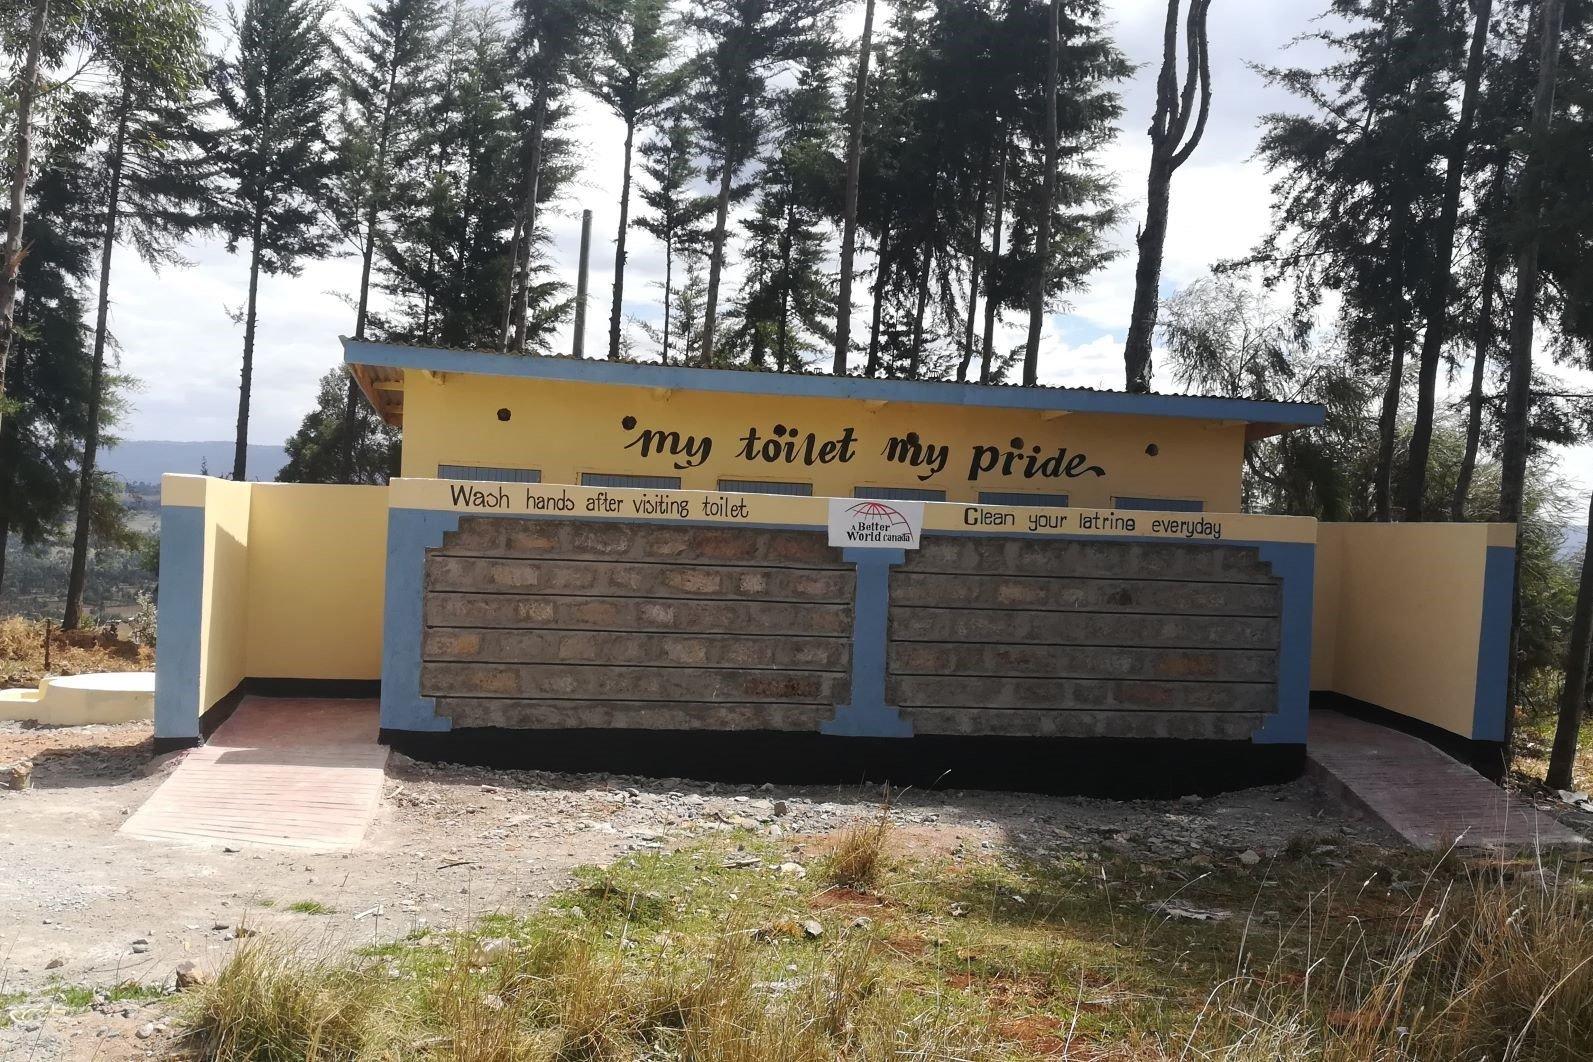 SIMOTWET PRIMARY SCHOOL – 12 Toilets